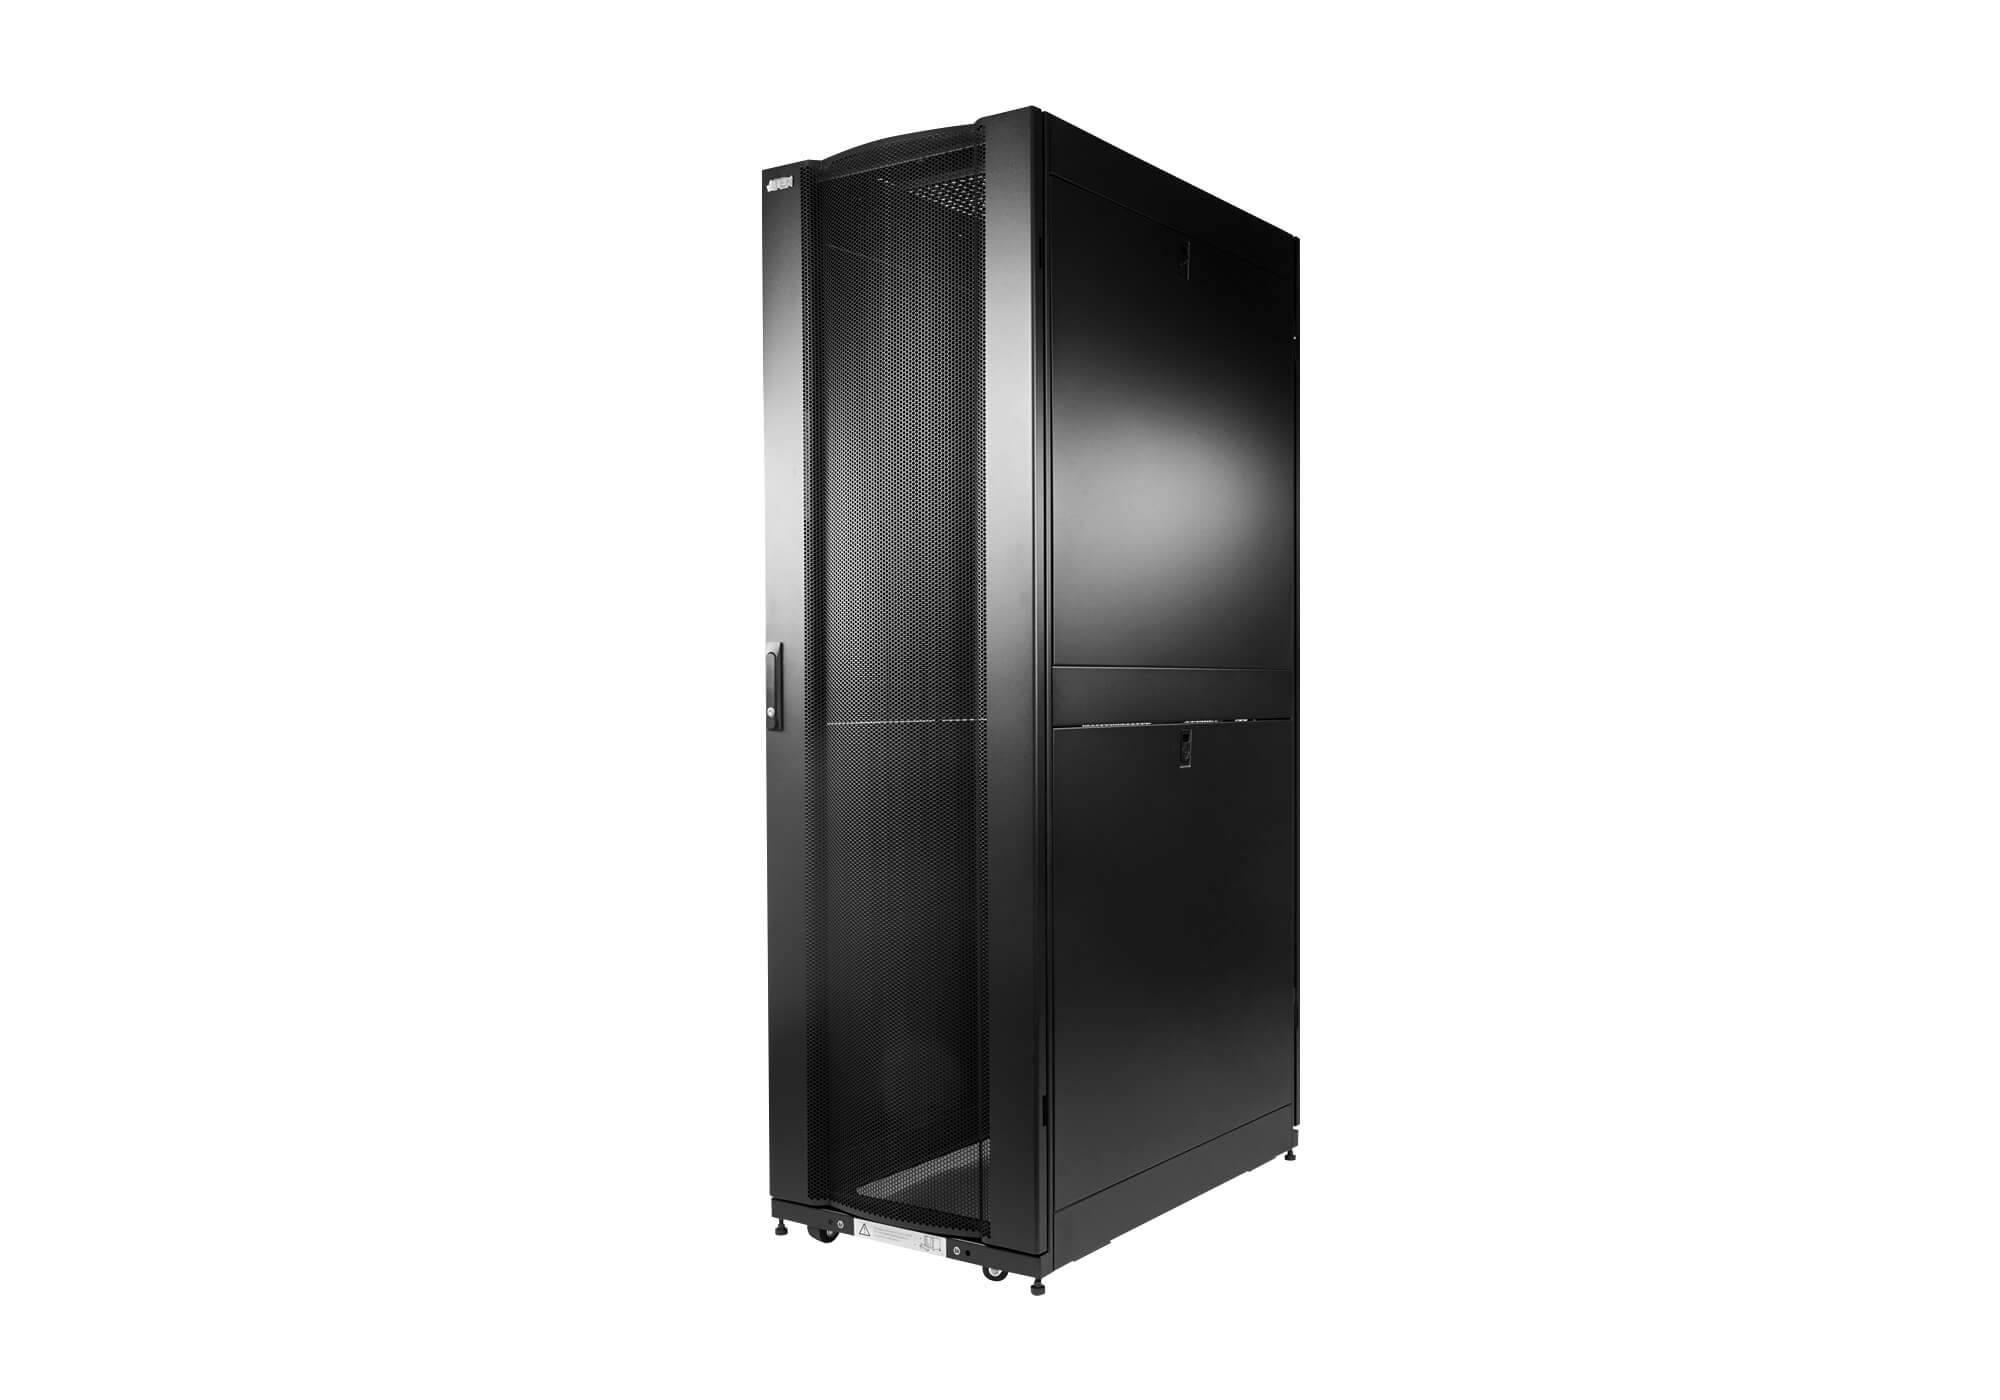 Расширение ассортимента Aten: Стойки серии RE и RS для высокоплотных серверных и сетевых применений